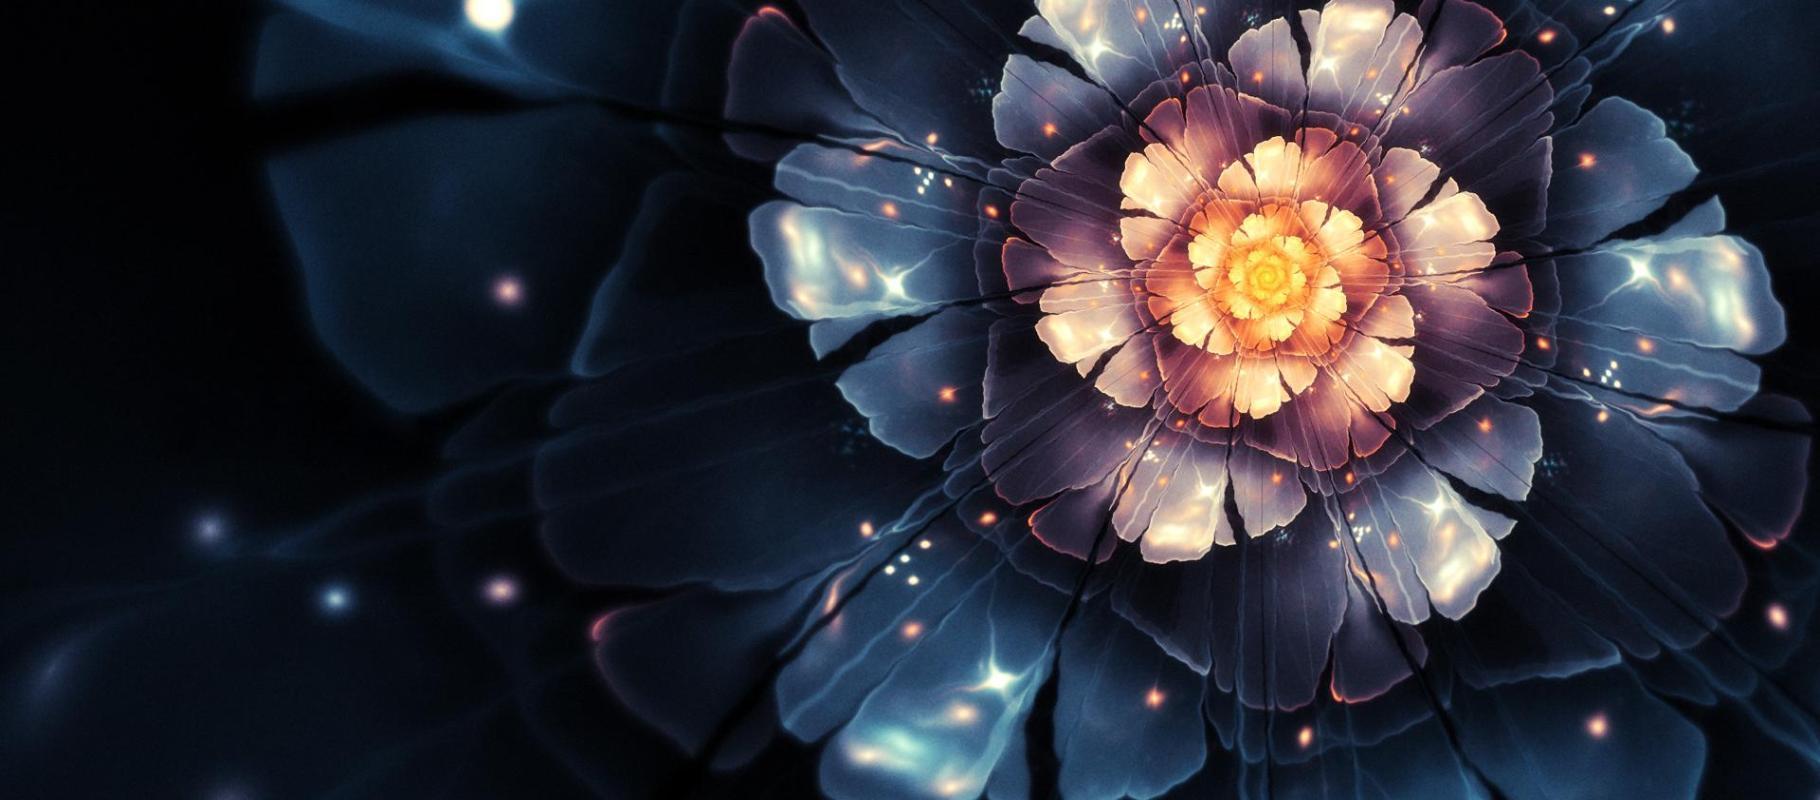 Computer-generierte Bilder - Blumen  Hintergrundbild